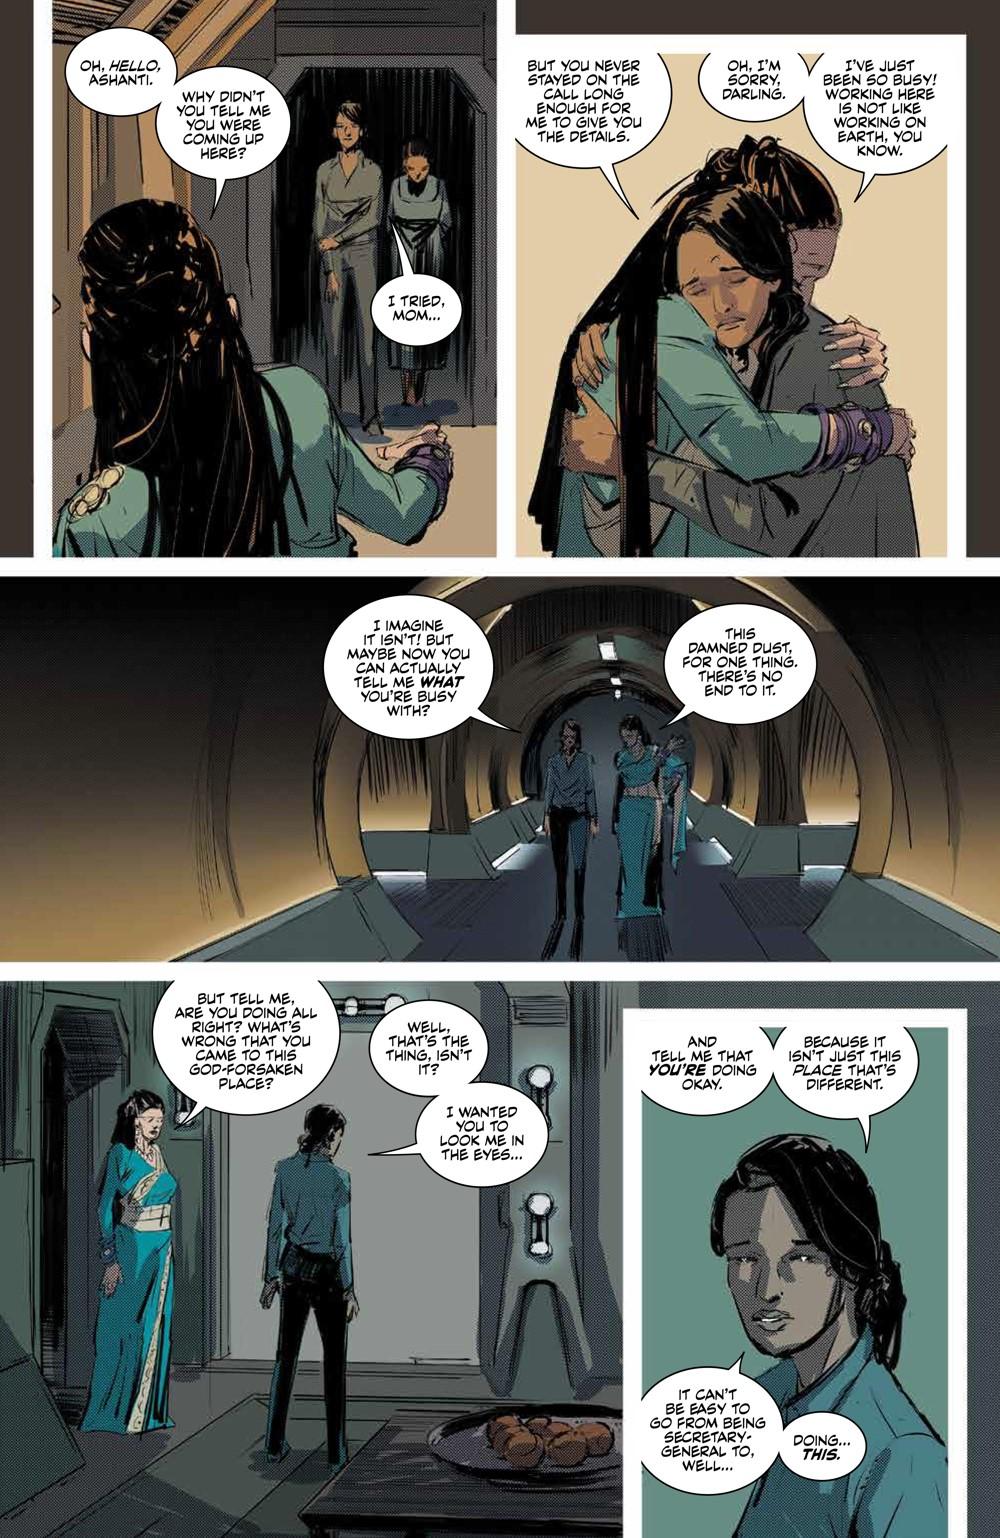 Expanse_SC_PRESS_14 ComicList Previews: THE EXPANSE TP